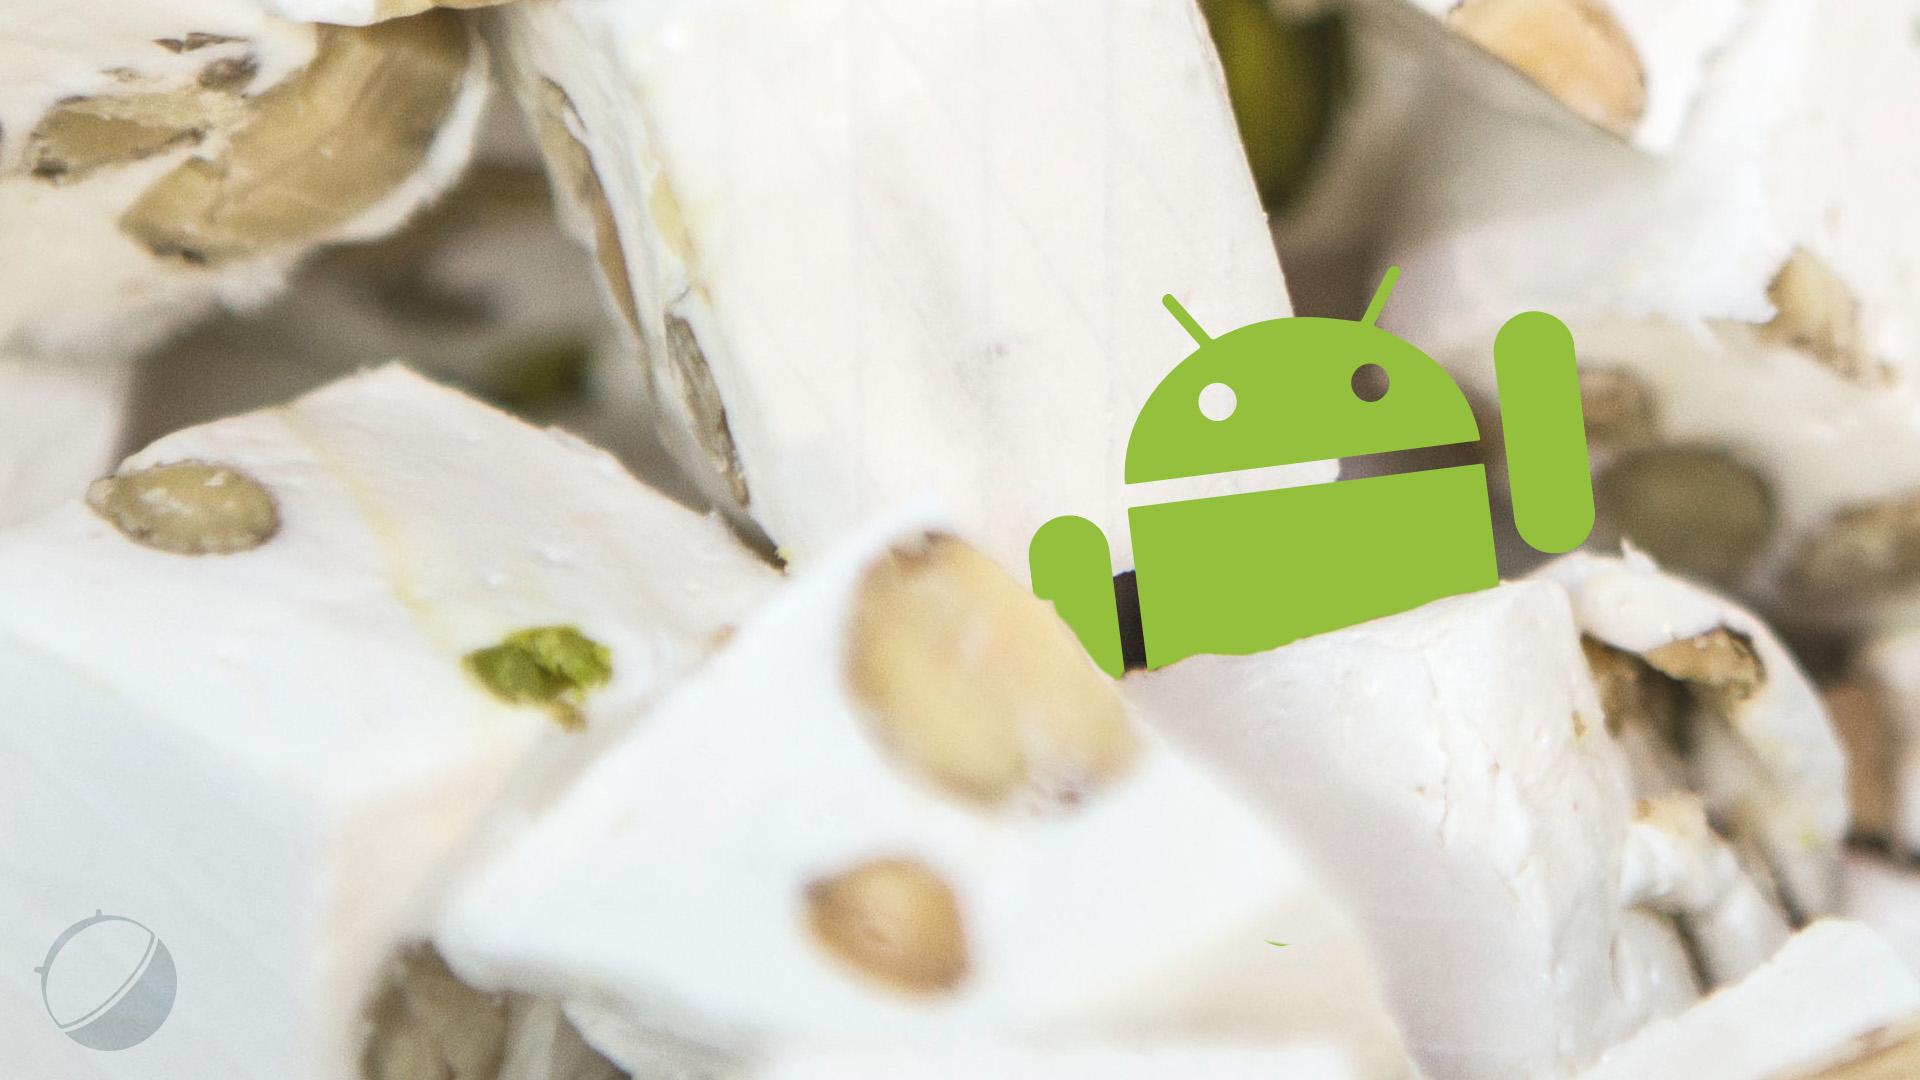 5 actualités qui ont marqué la semaine : Android Nougat, Samsung Galaxy Note 7, Pokémon Go…